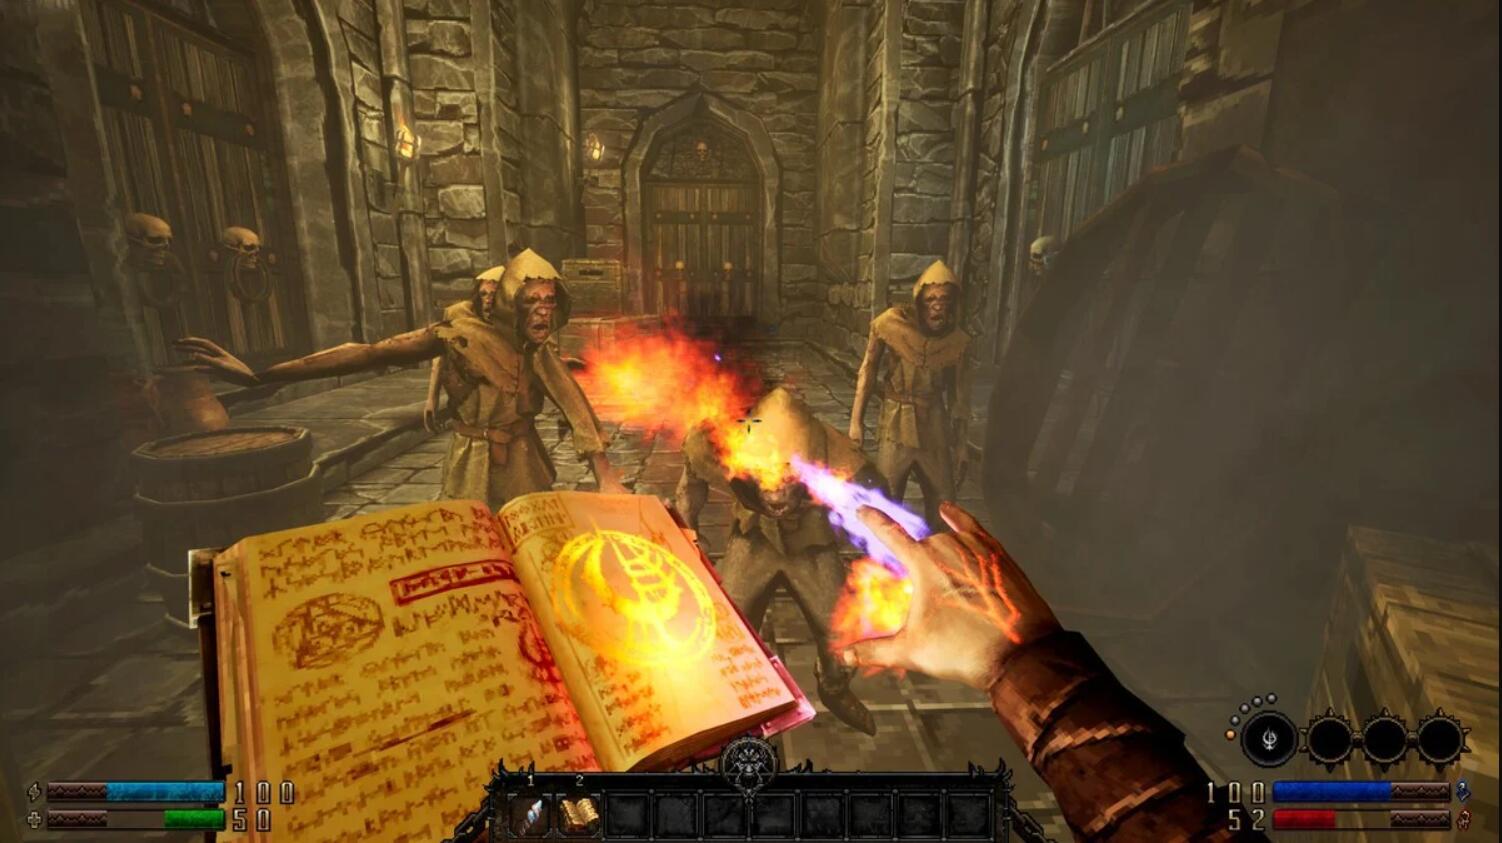 中世纪风格FPS游戏《Graven》公布最新预告片